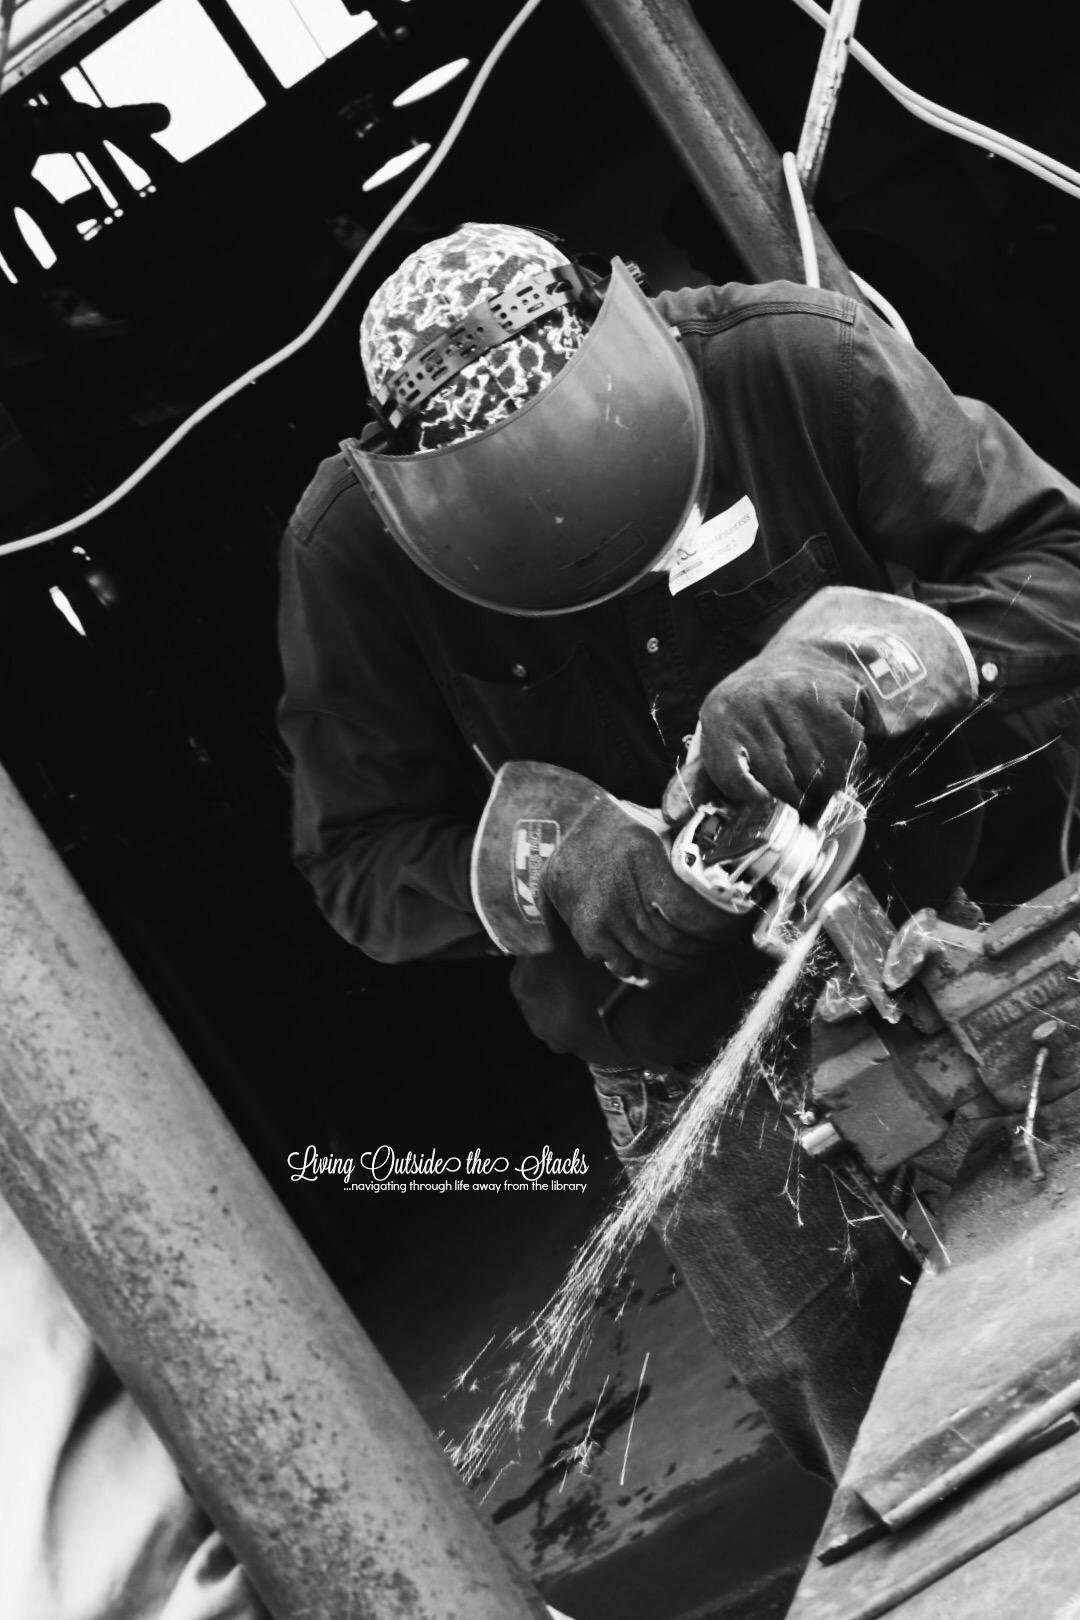 Welding {living outside the stacks}